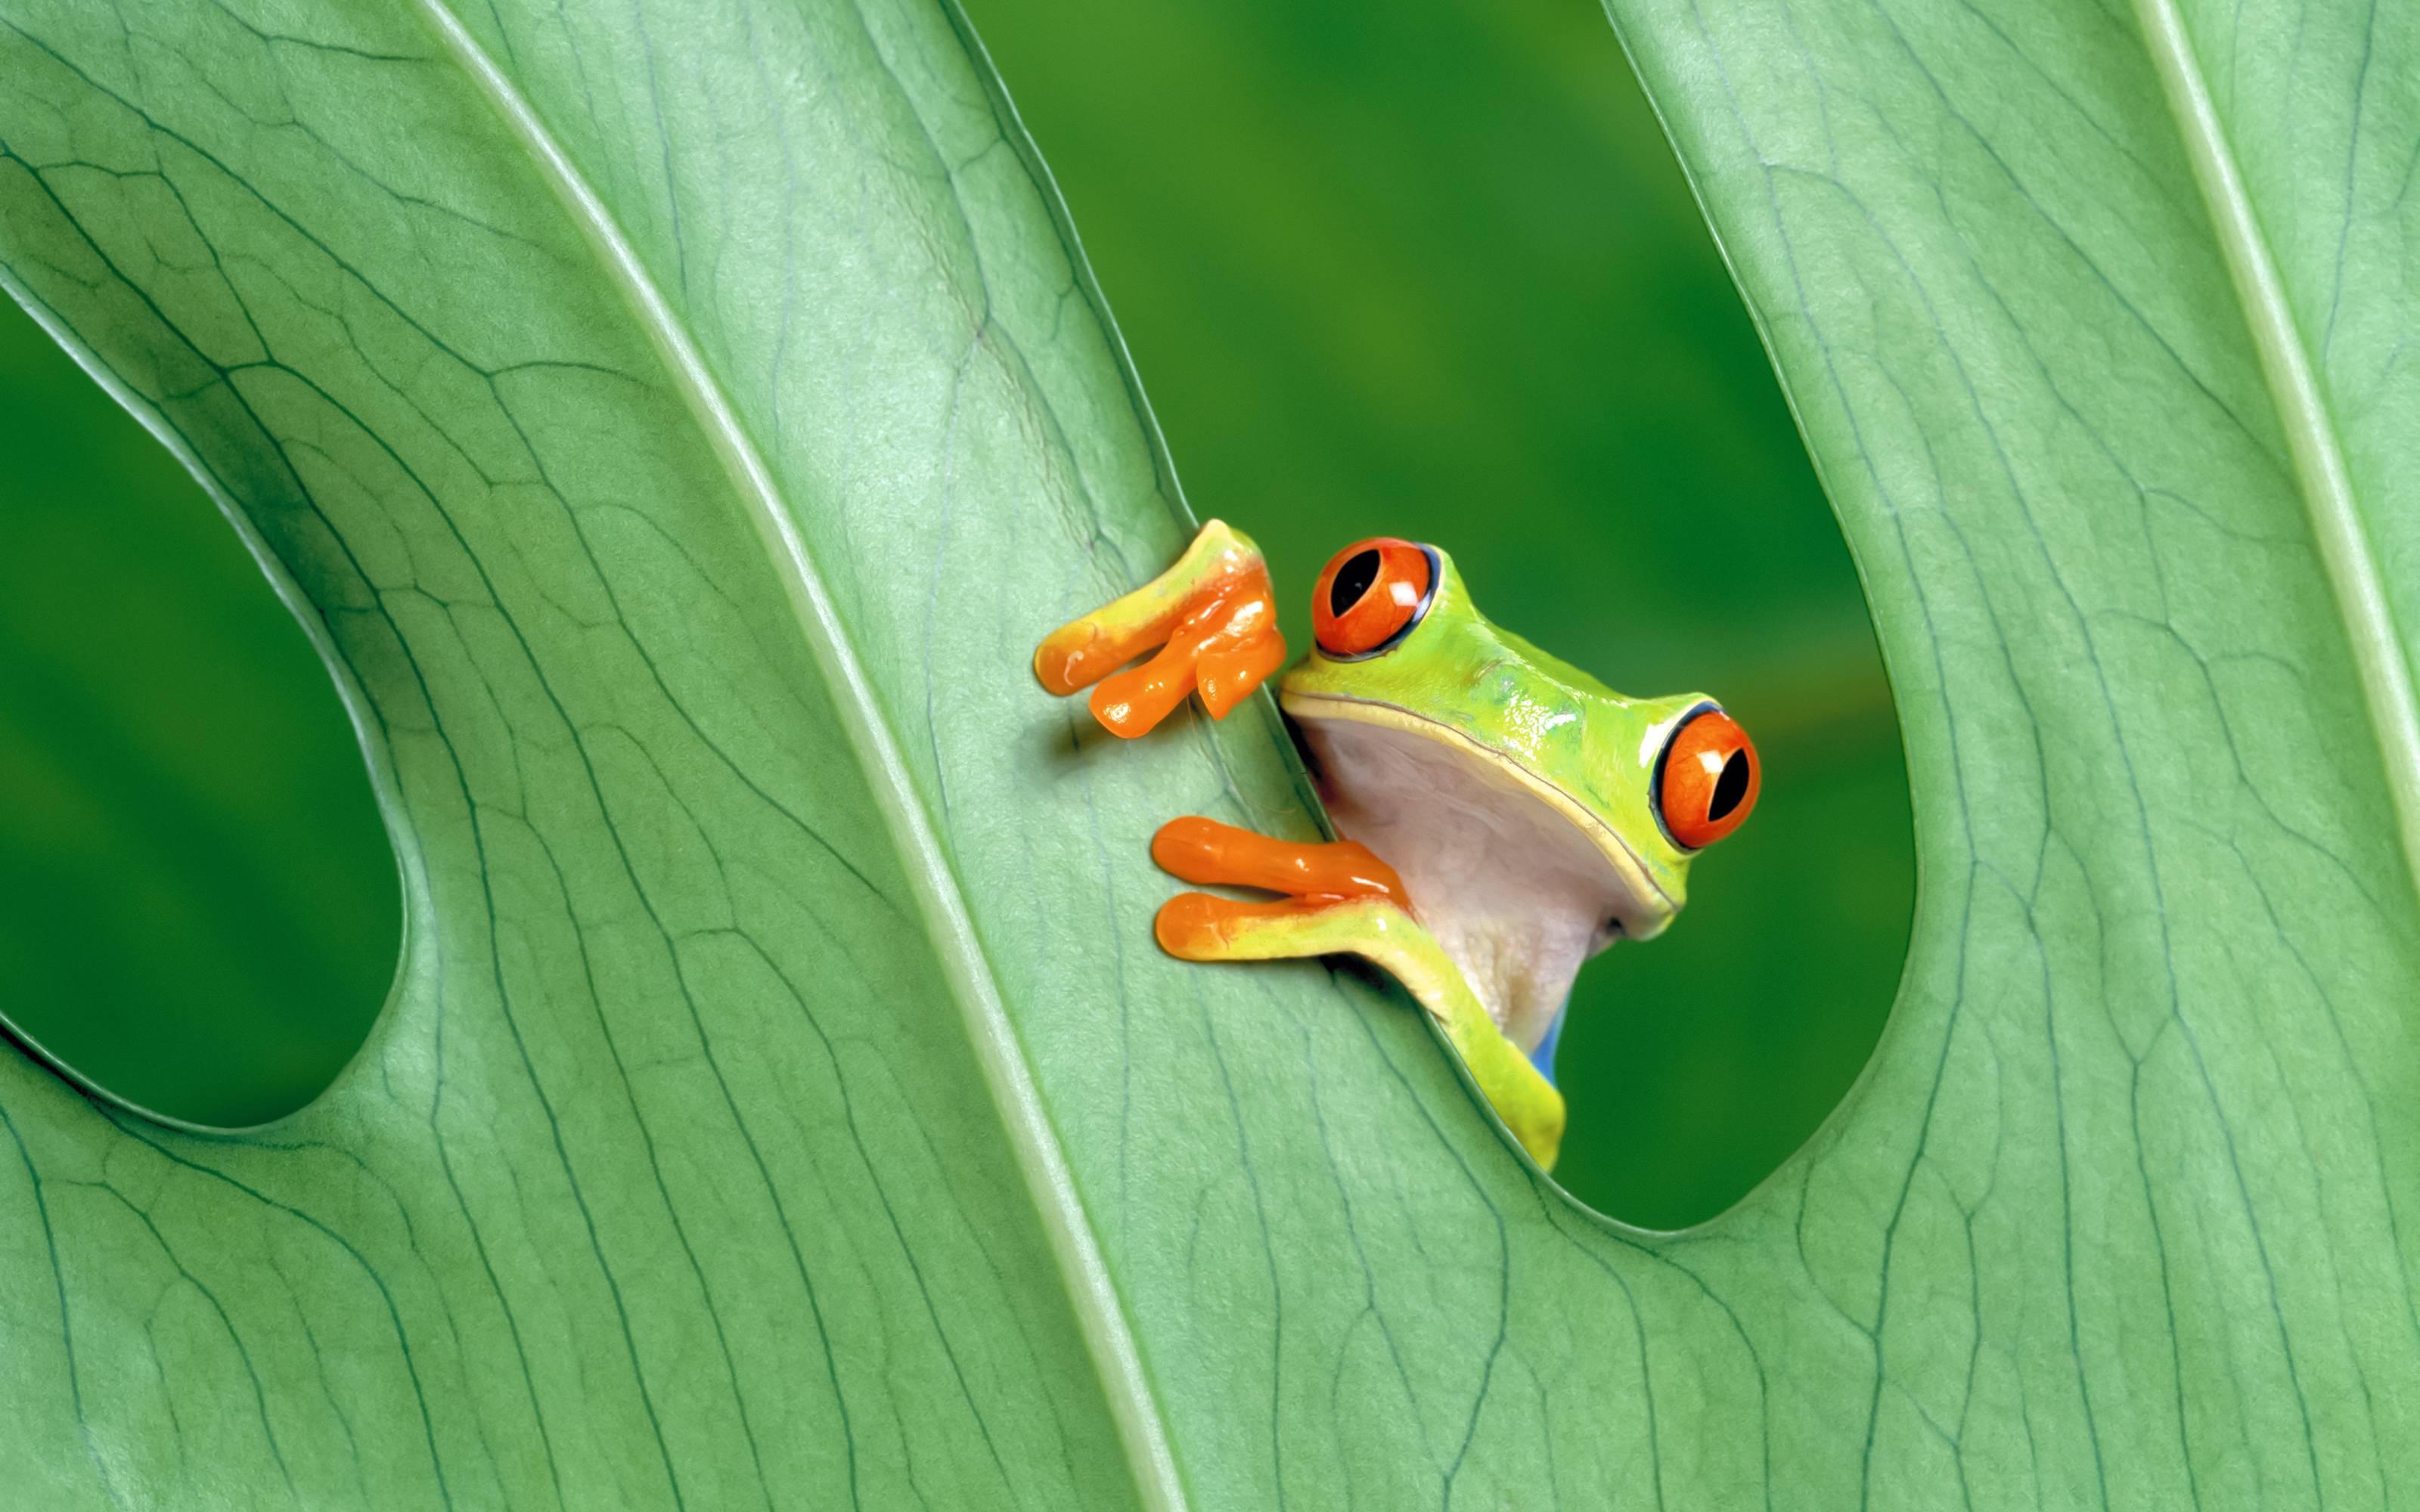 Frog3804912815 - Frog - Hungry, Frog